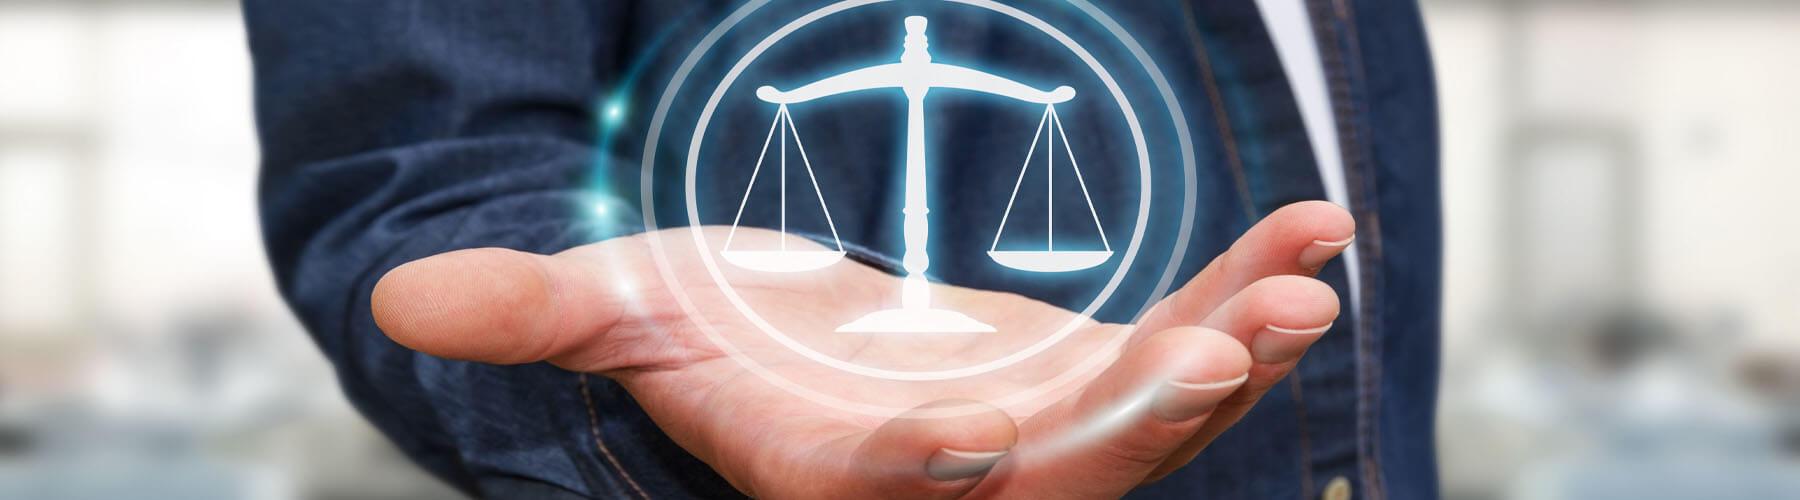 תקנון אתר עורך דין שיקום כלכלי רונן מטלון